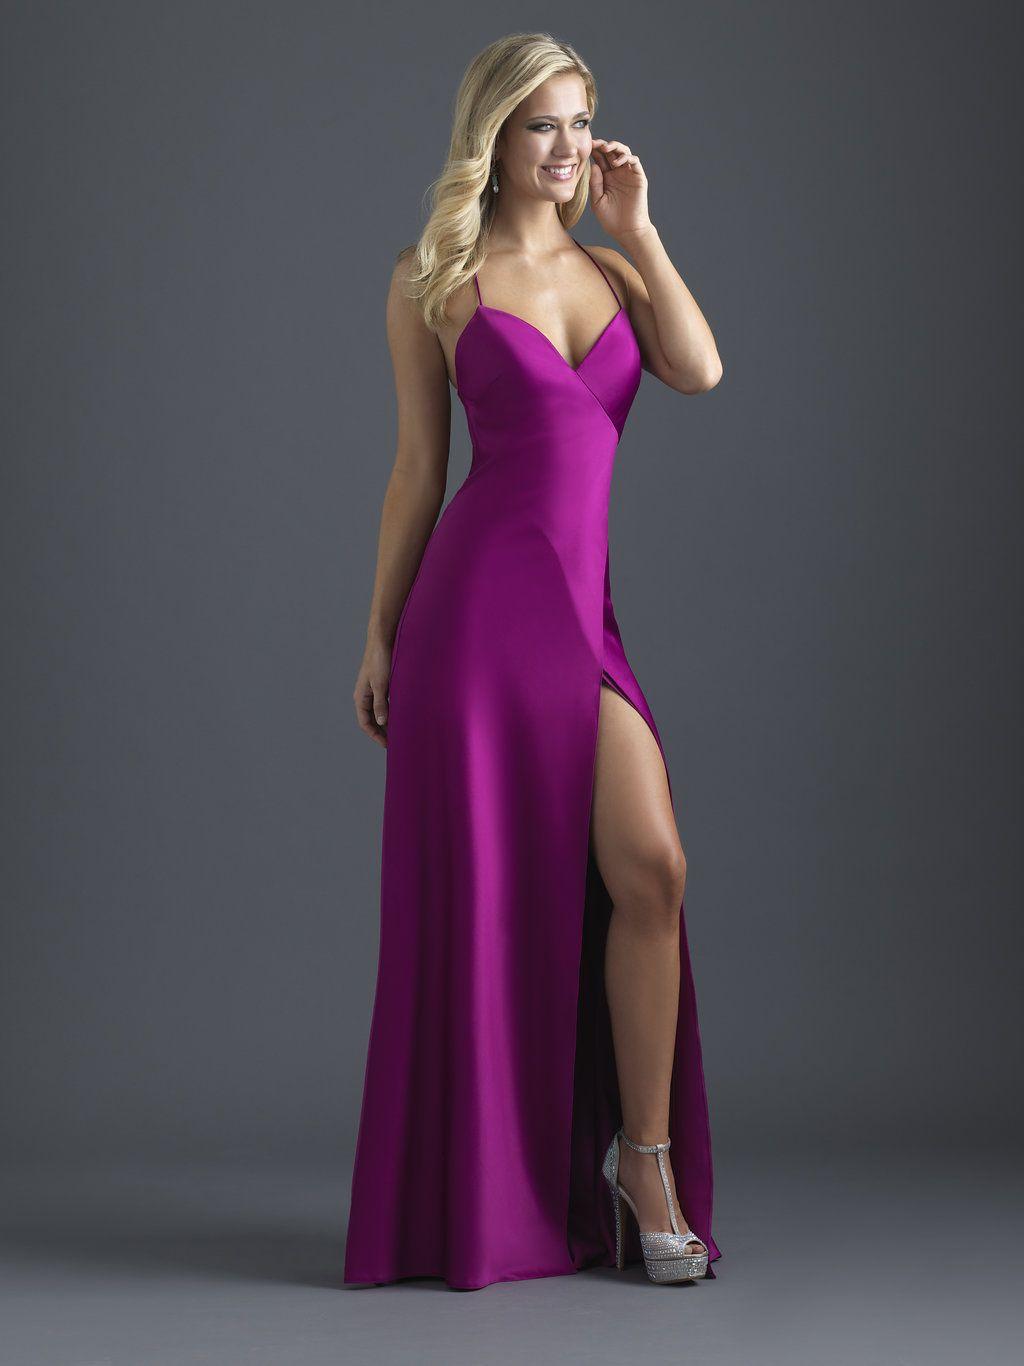 Pin de Andrea Dawn en Evening Gowns | Pinterest | Trajes de oficina ...